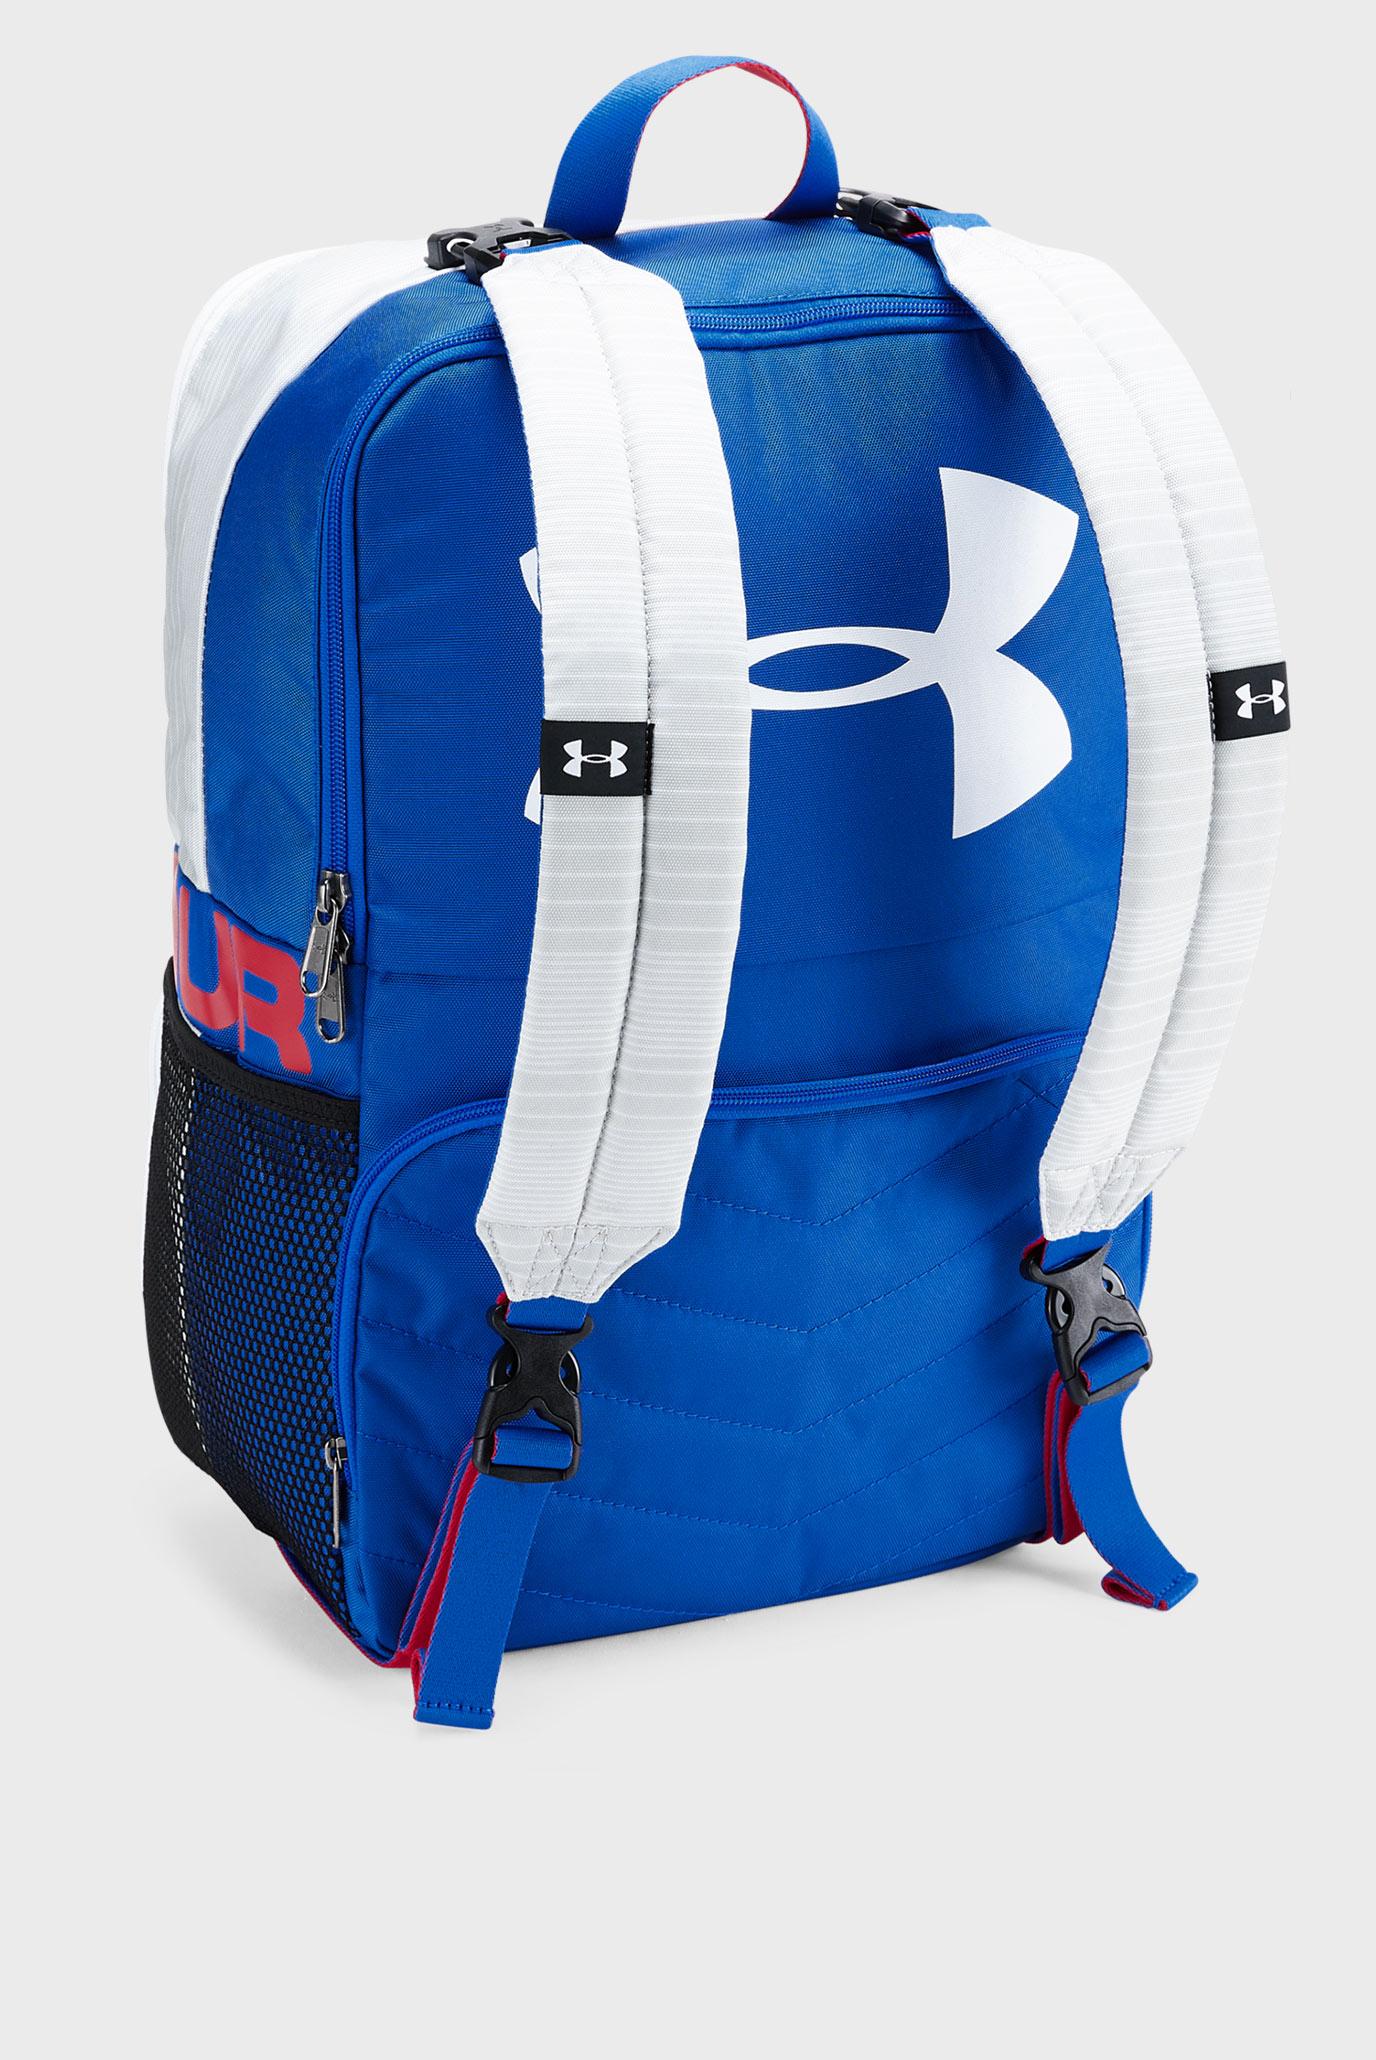 Купить Белый рюкзак Change-Up Backpack Under Armour Under Armour 1308344-100 – Киев, Украина. Цены в интернет магазине MD Fashion